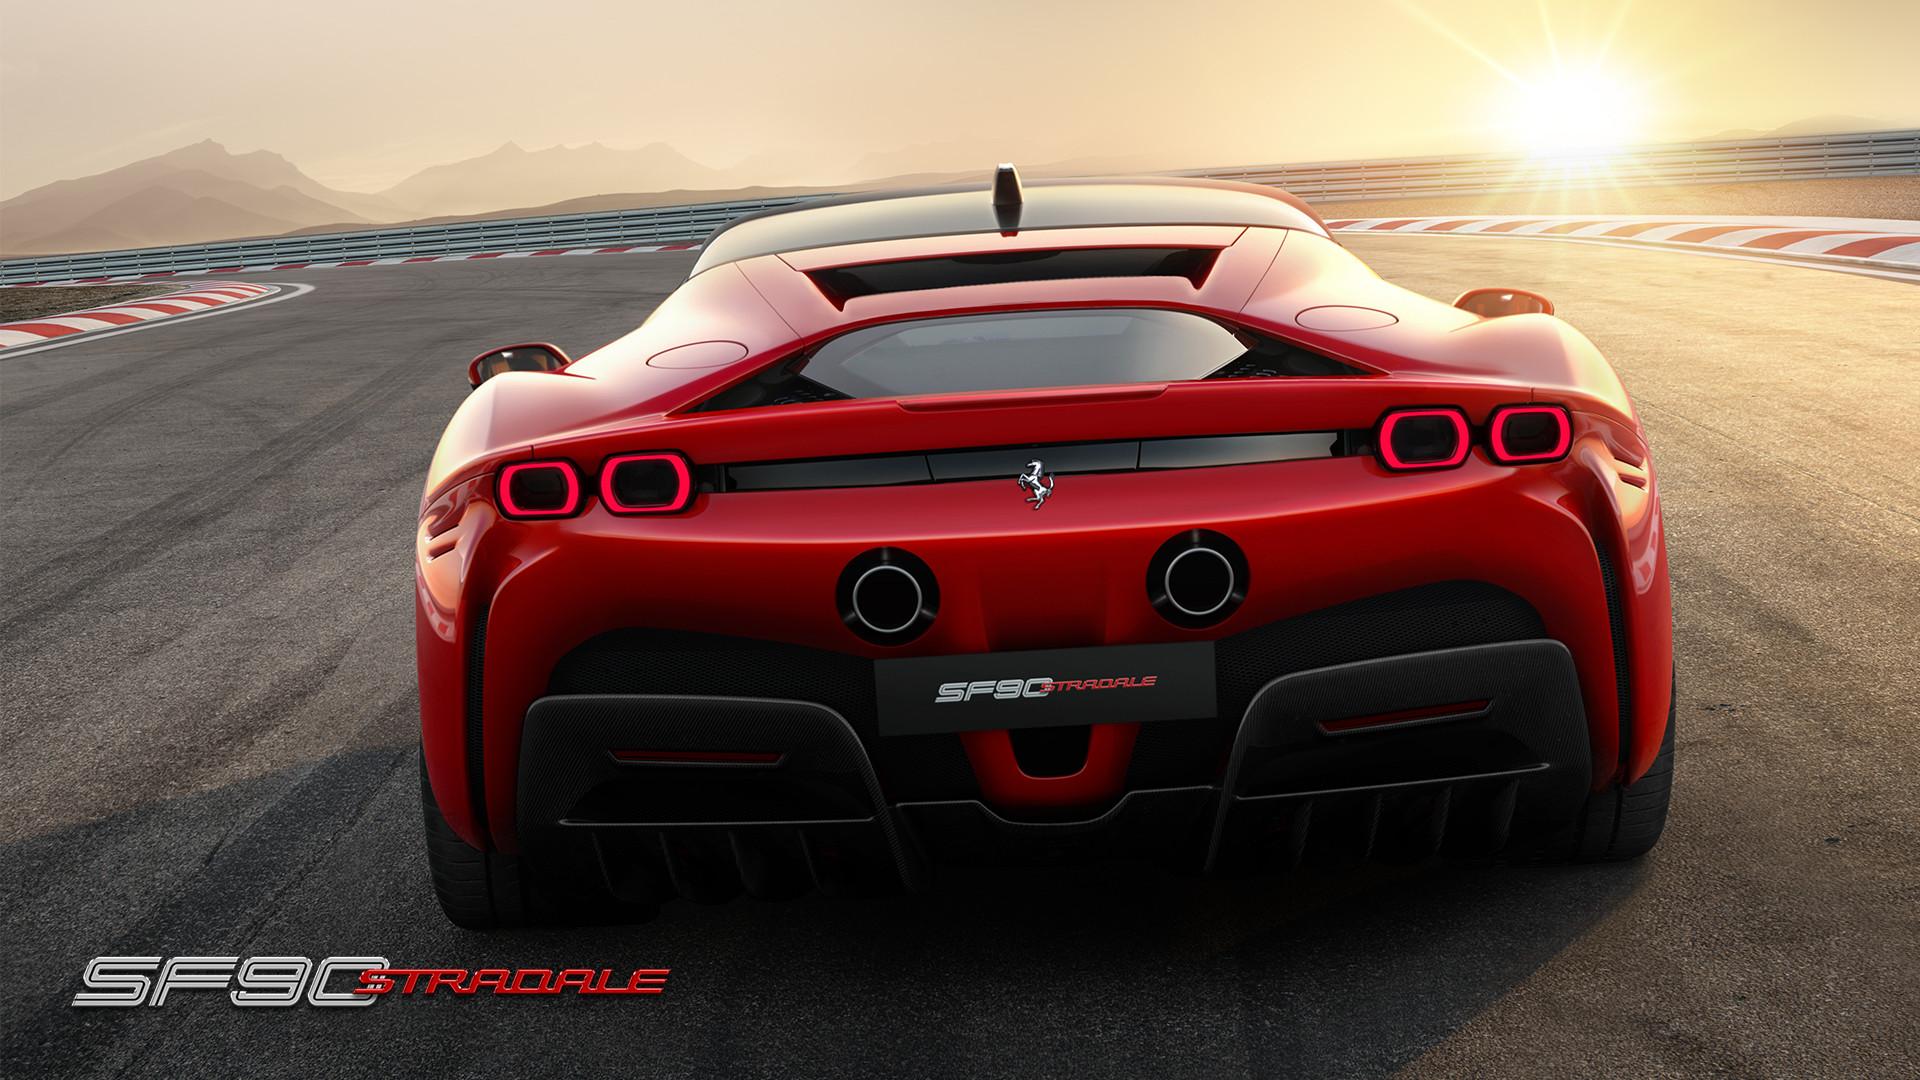 2020 Ferrari SF90 Stradale Rear View